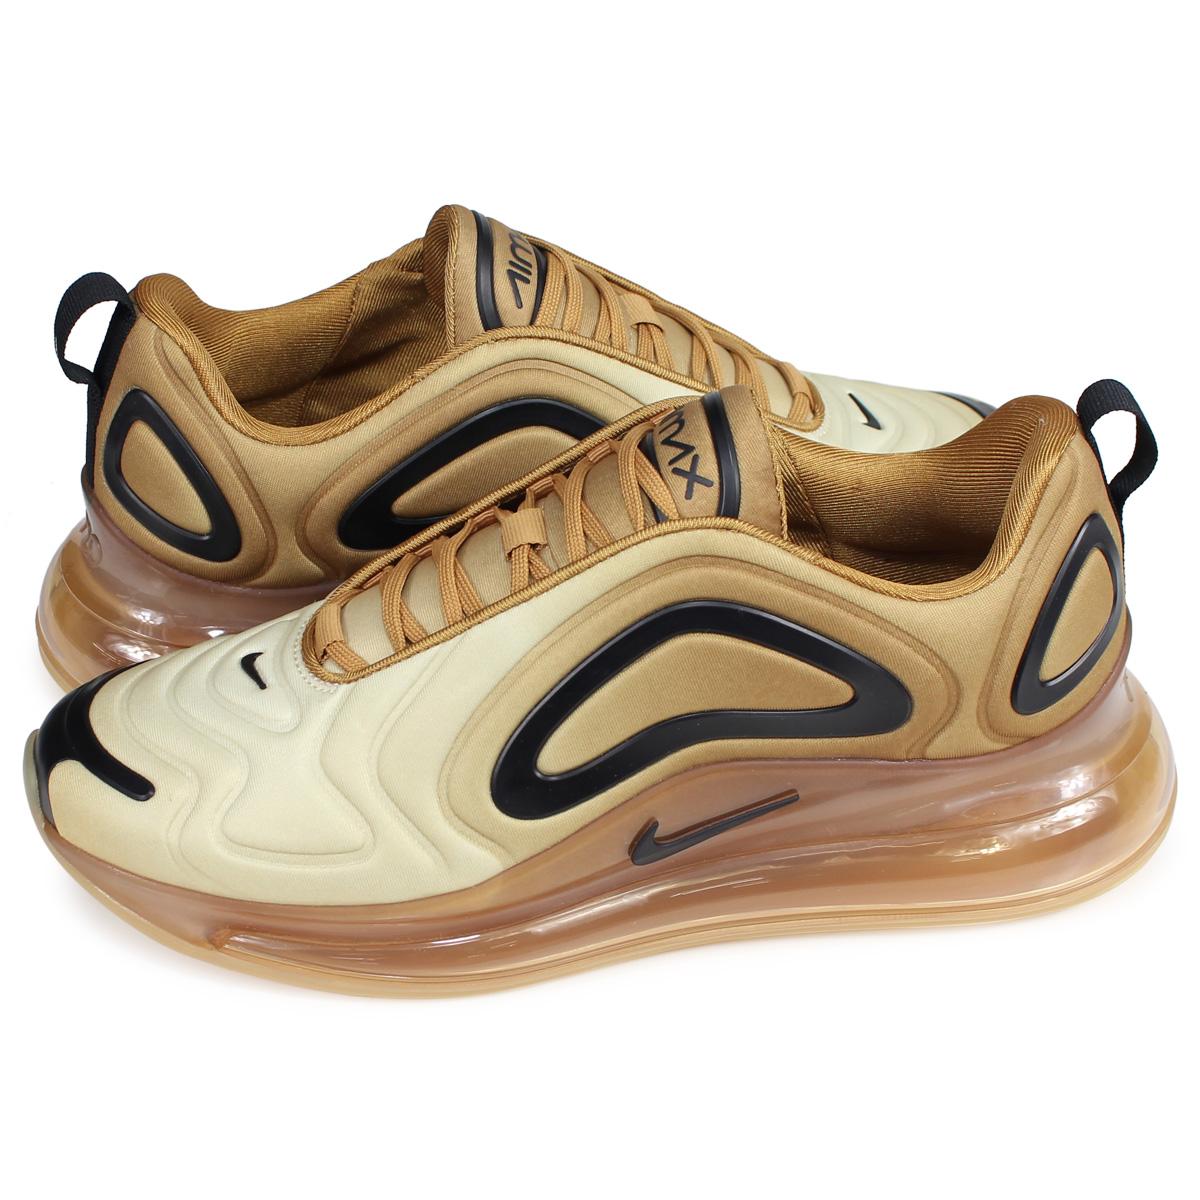 Nike NIKE Air Max 720 sneakers men AIR MAX 720 gold AO2924-700